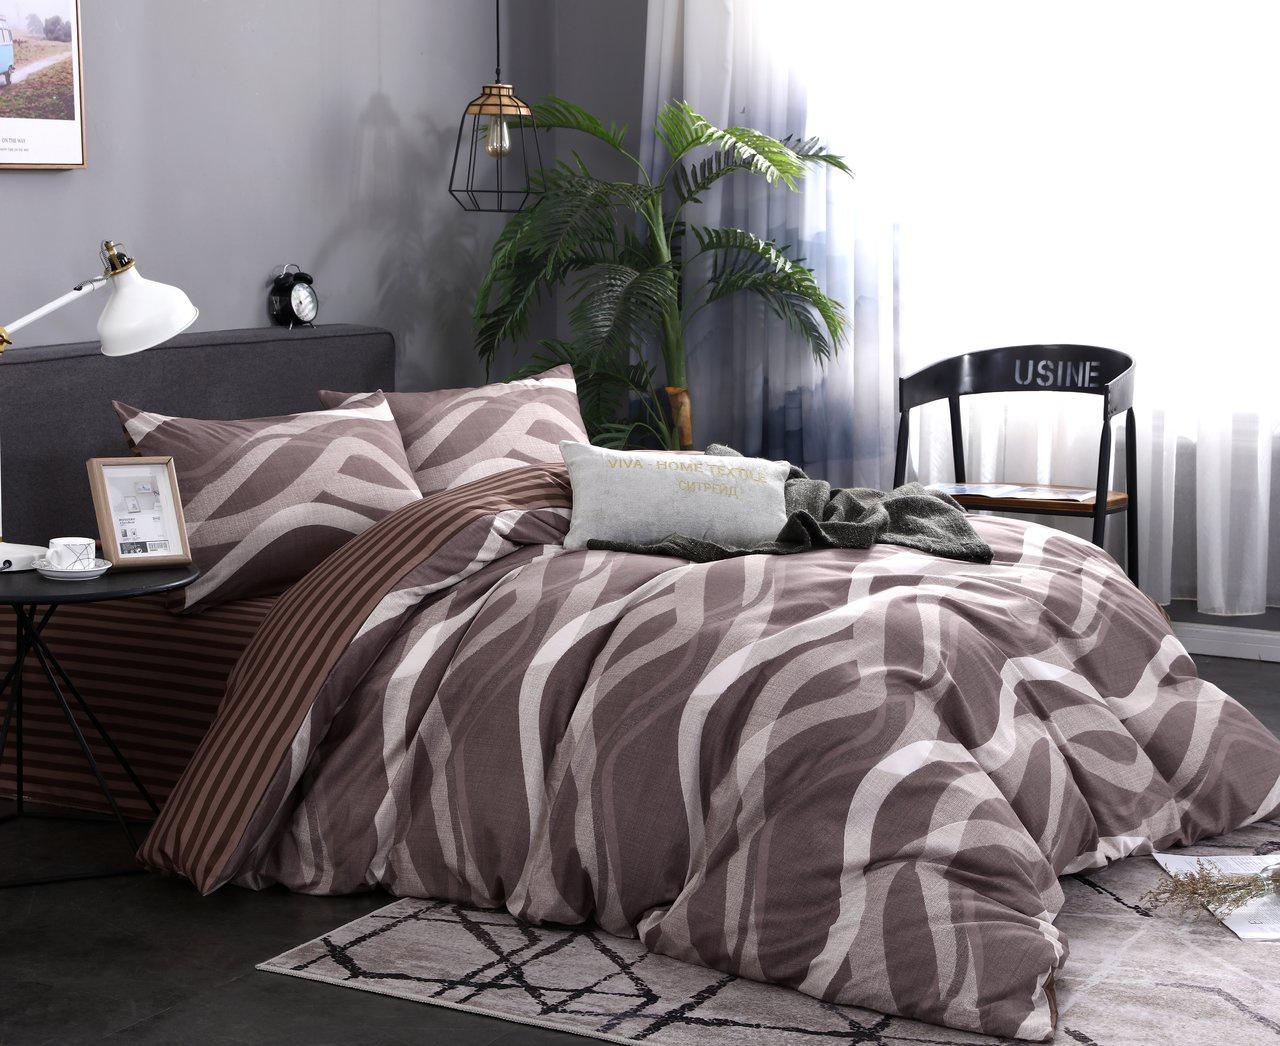 Комплект постельного белья Сатин подарочный AC061 Cитрейд 1.5 спальный, наволочки 70-70 2 шт елка канадская 150 см 342 ветки 1 шт в упаковке 2